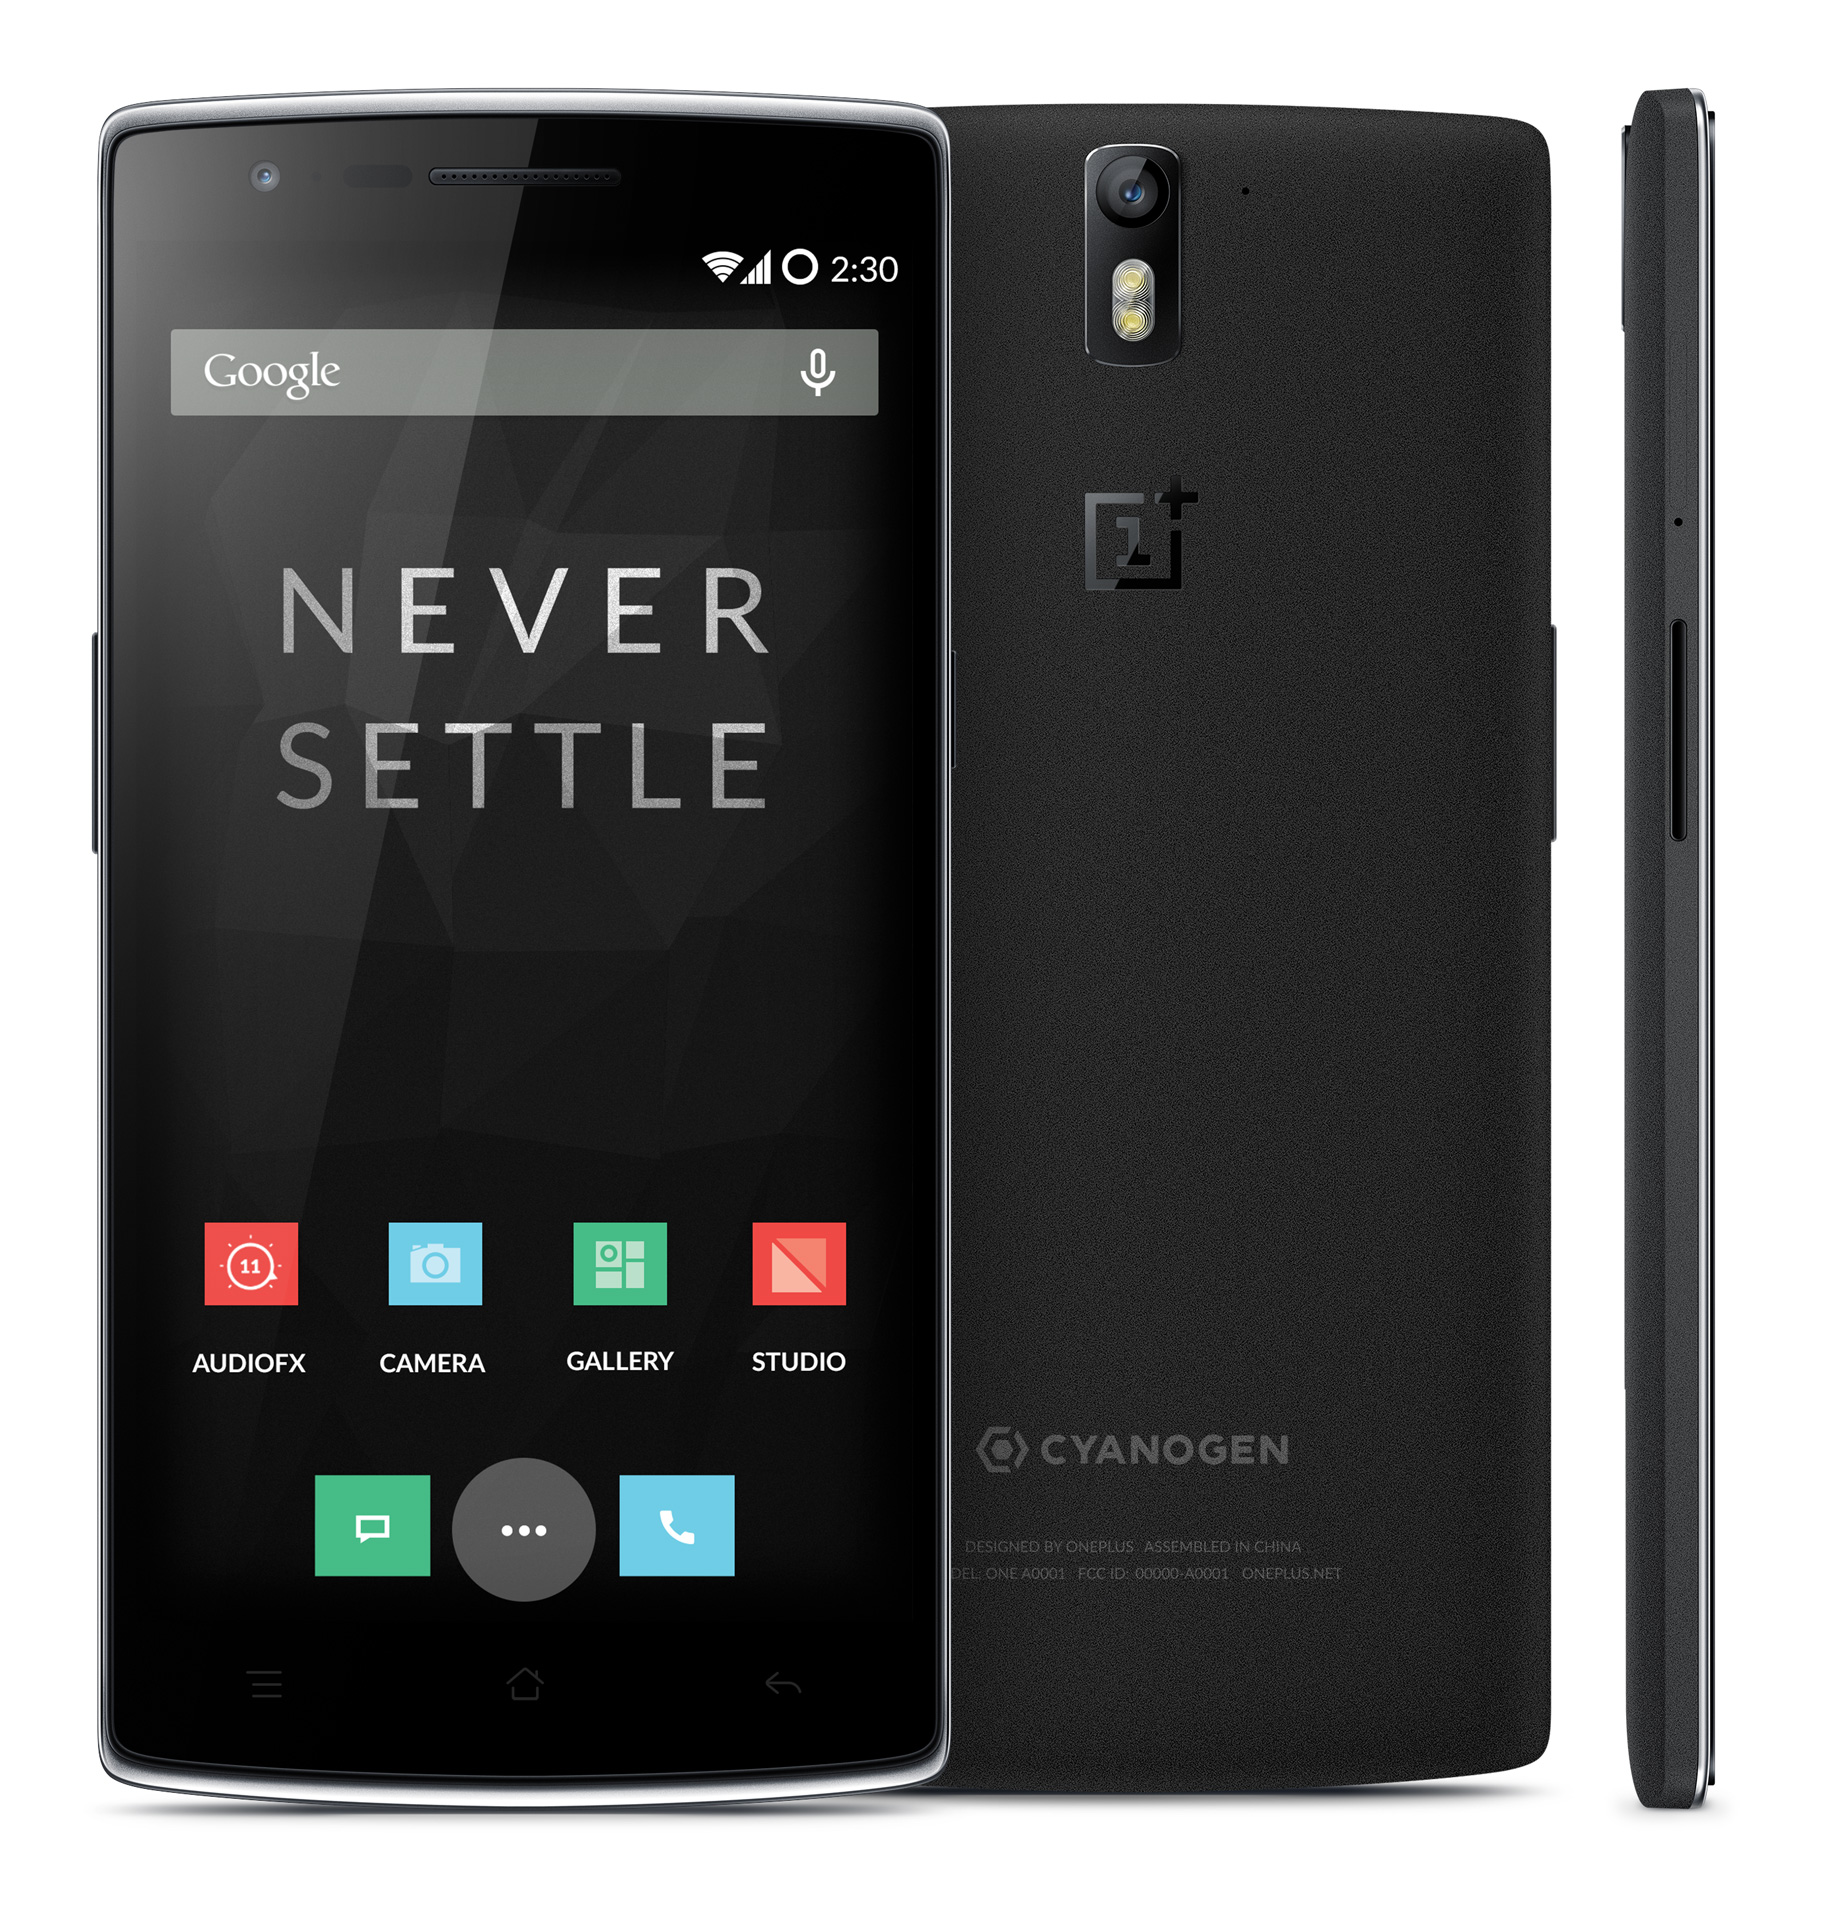 OnePlus ընկերությունը ներկայացրել է իր առաջին One սմարթֆոնը